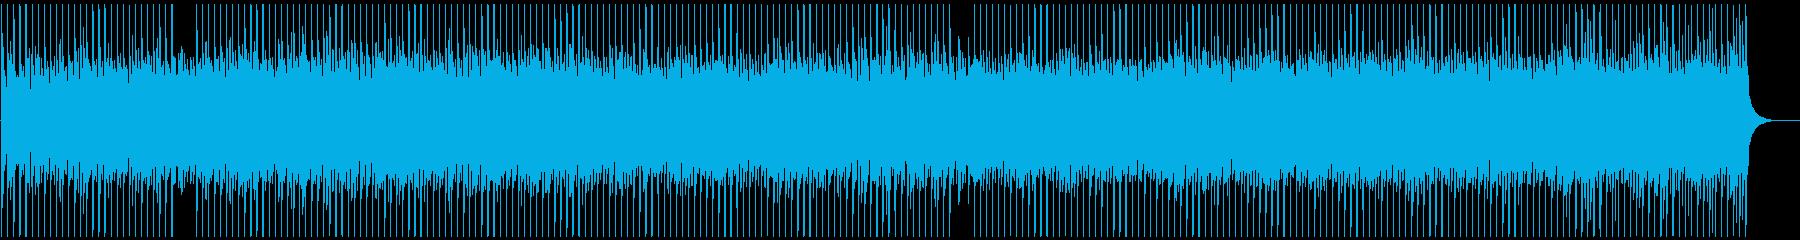 ピアノが爽やかなストリングスロックの再生済みの波形